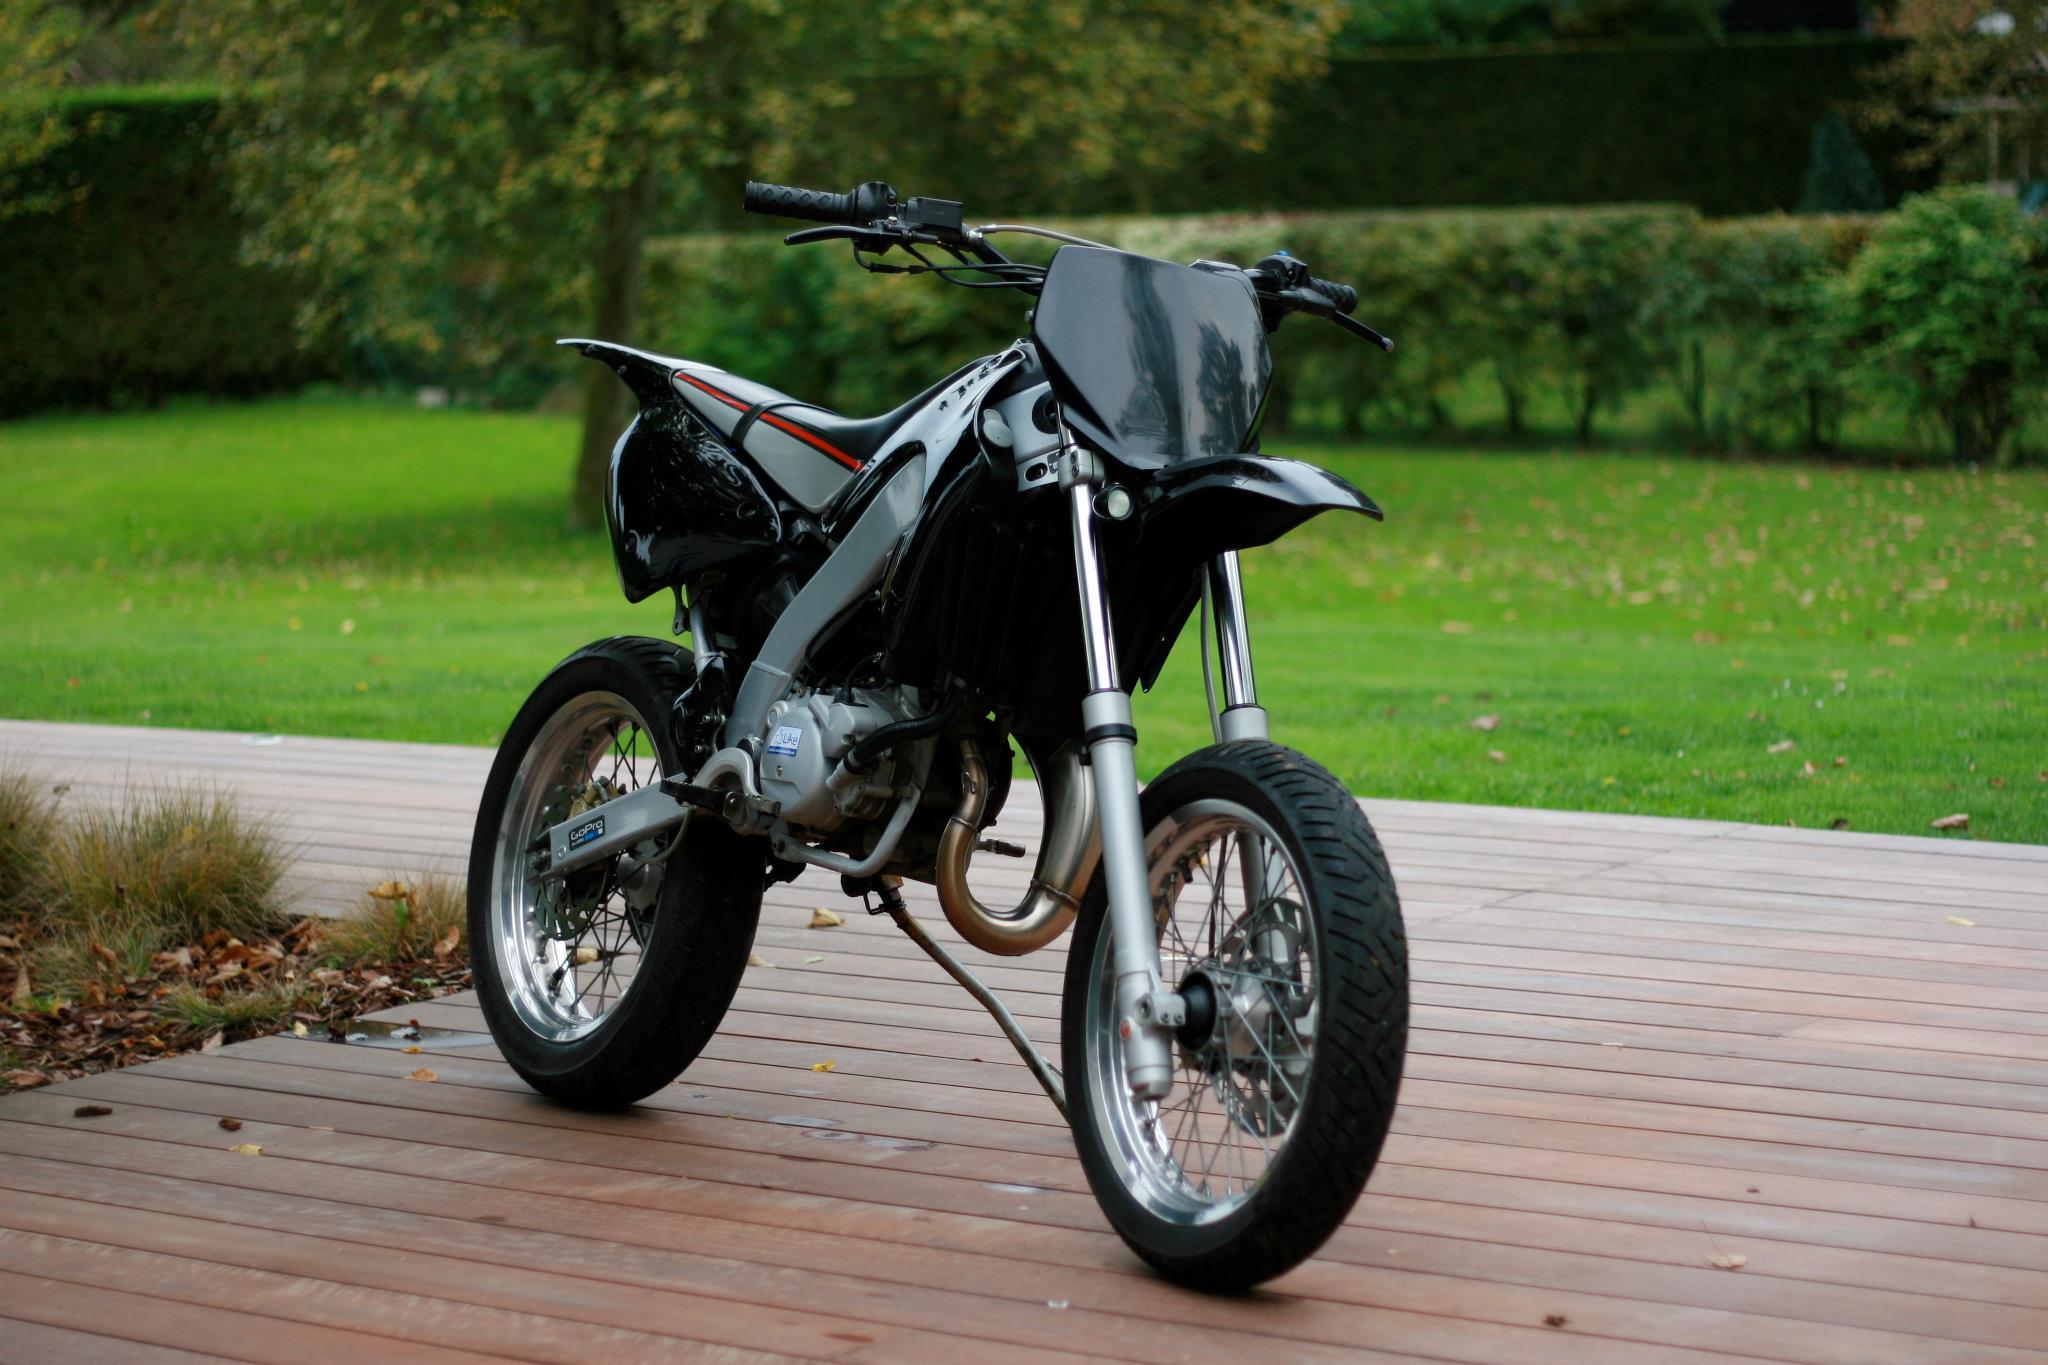 help quel moto 50 cc pour 1m55 sur le forum automobiles 02 02 2014 20 49 38. Black Bedroom Furniture Sets. Home Design Ideas